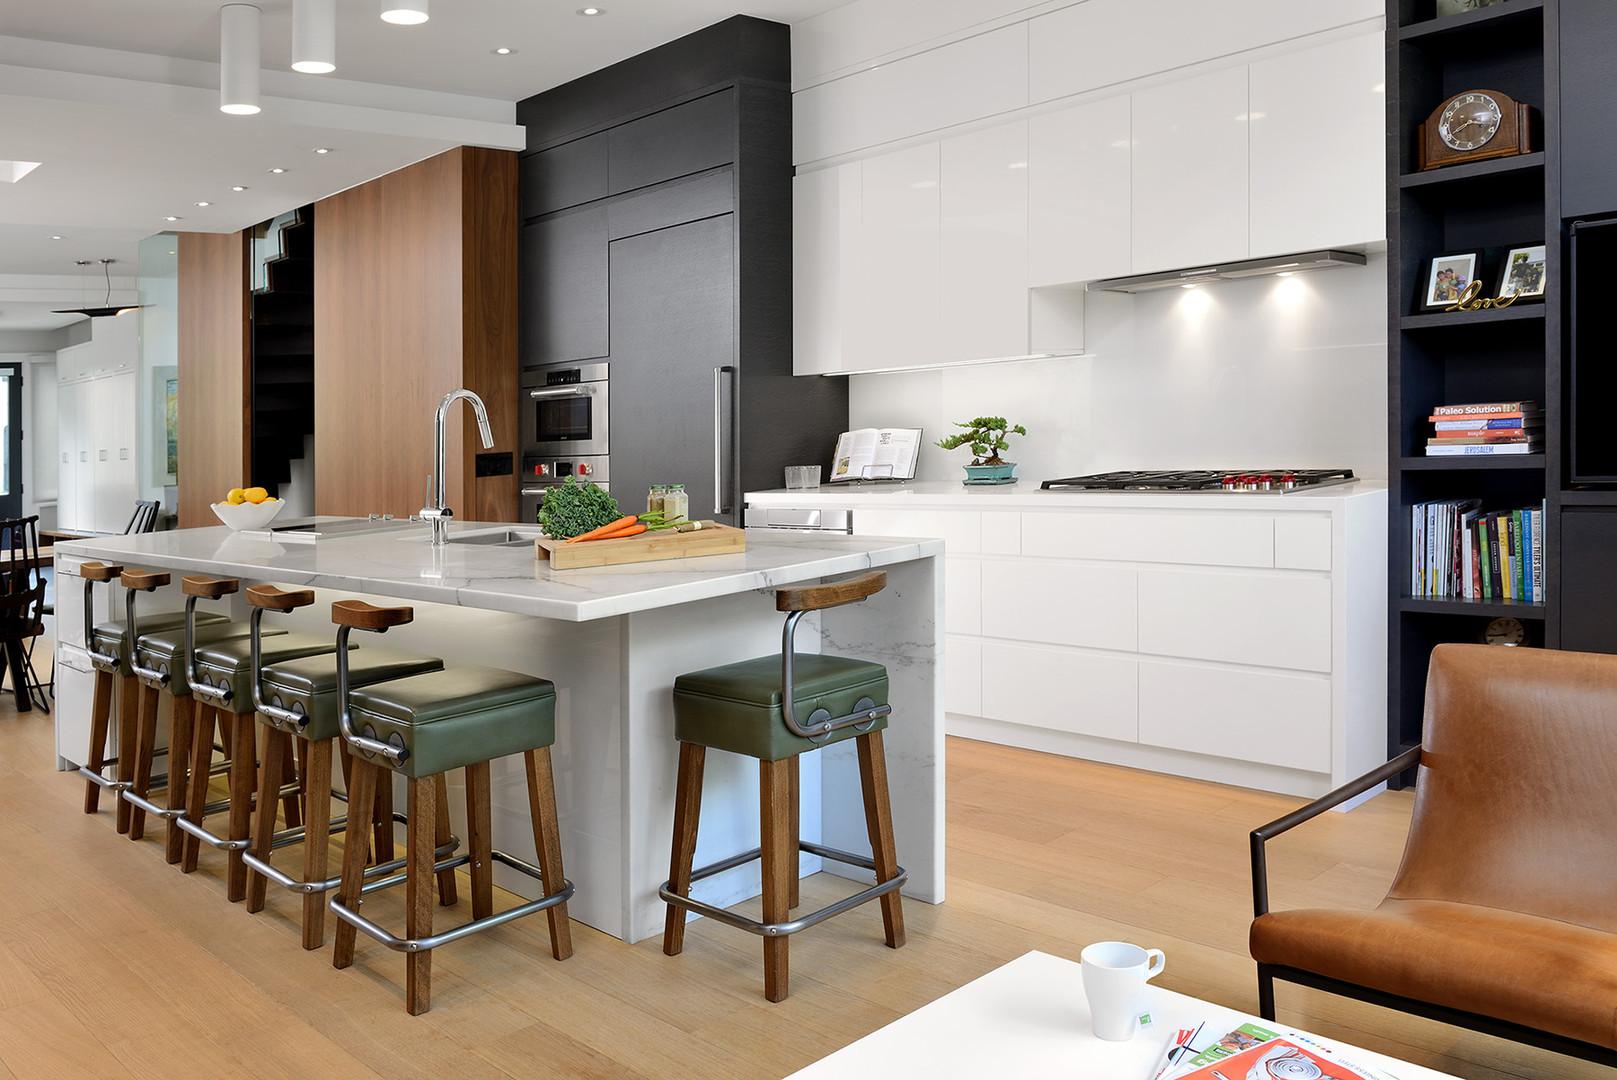 CMID kitchen design